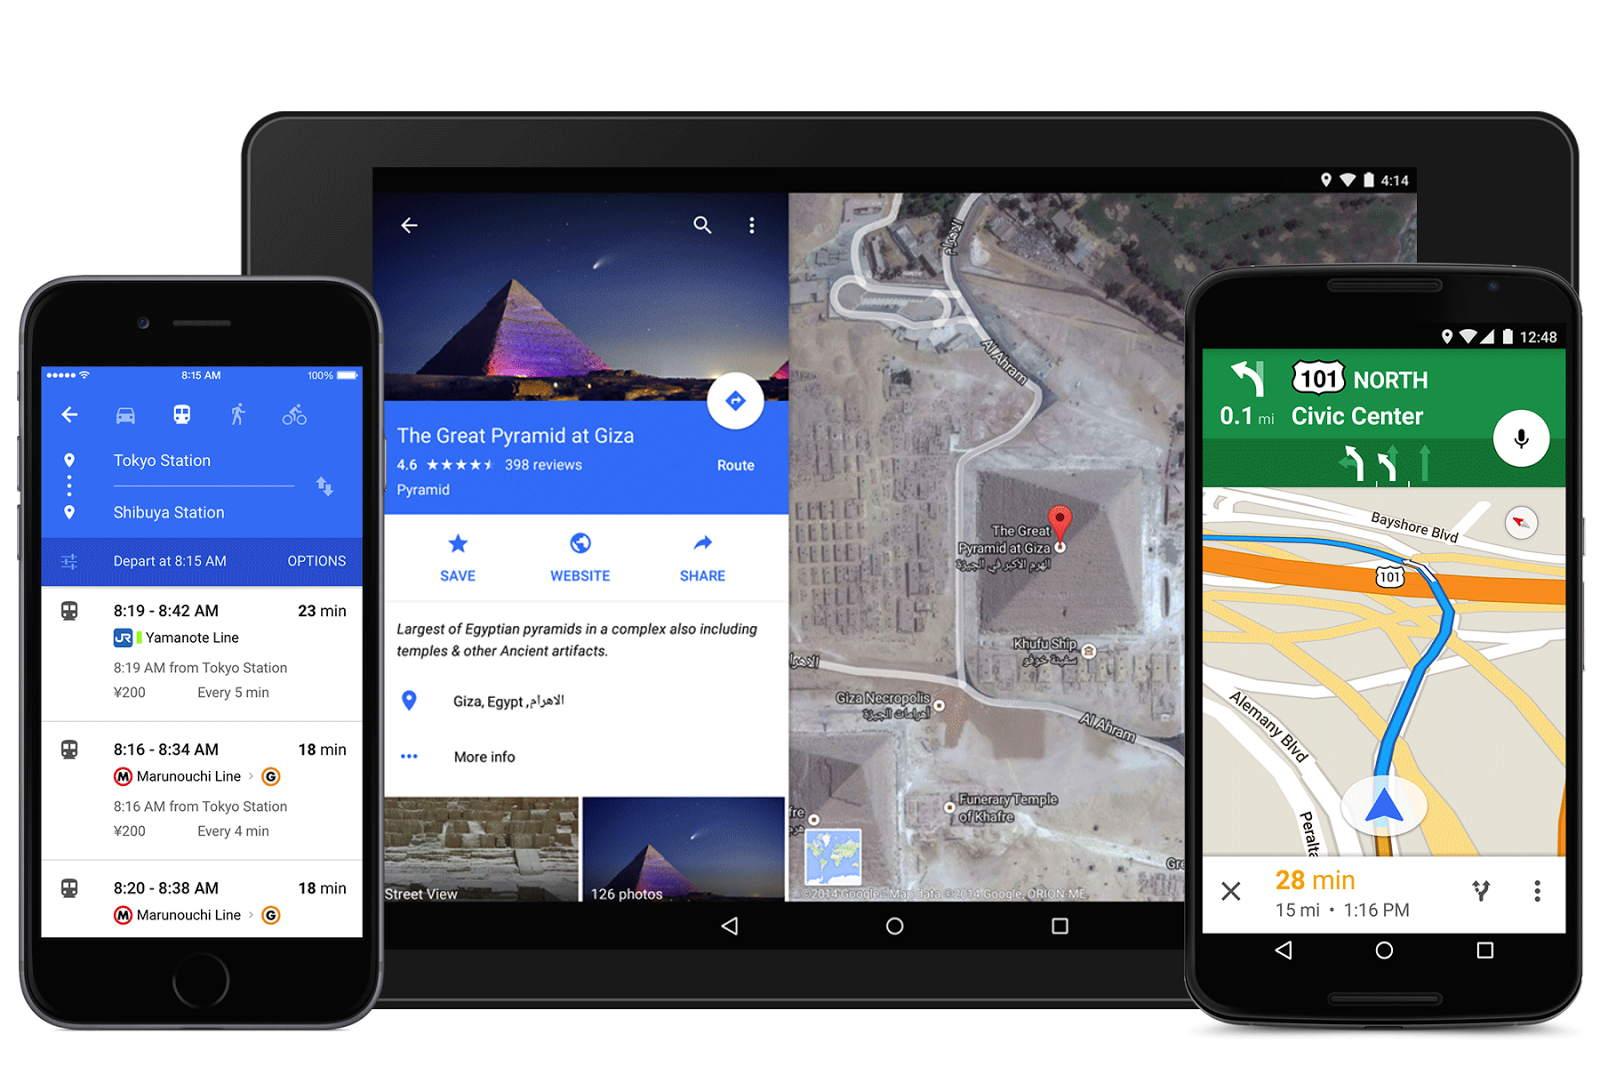 Como implementar un mapa de google en mi sitio web